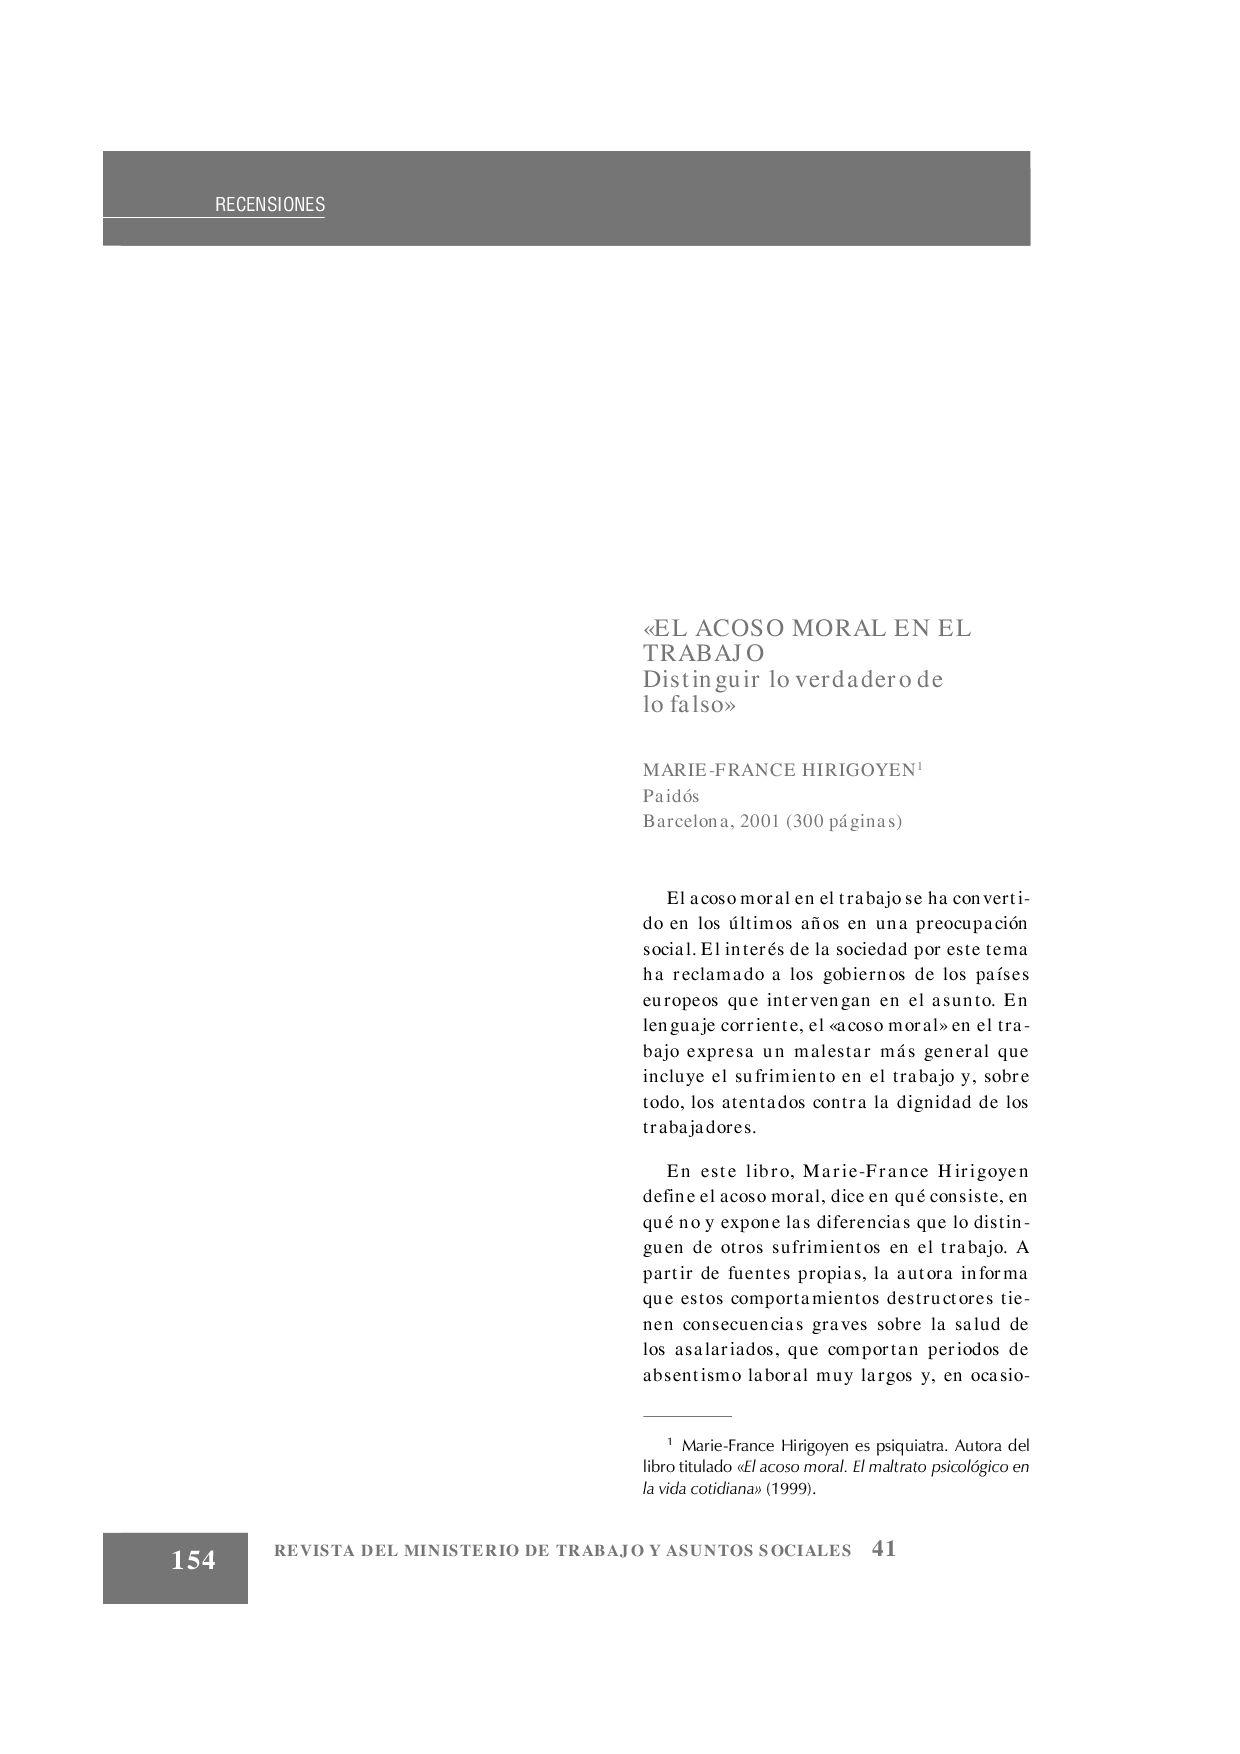 El Acoso Moral En El Trabajo By Jorge Jorge Baglietto Issuu